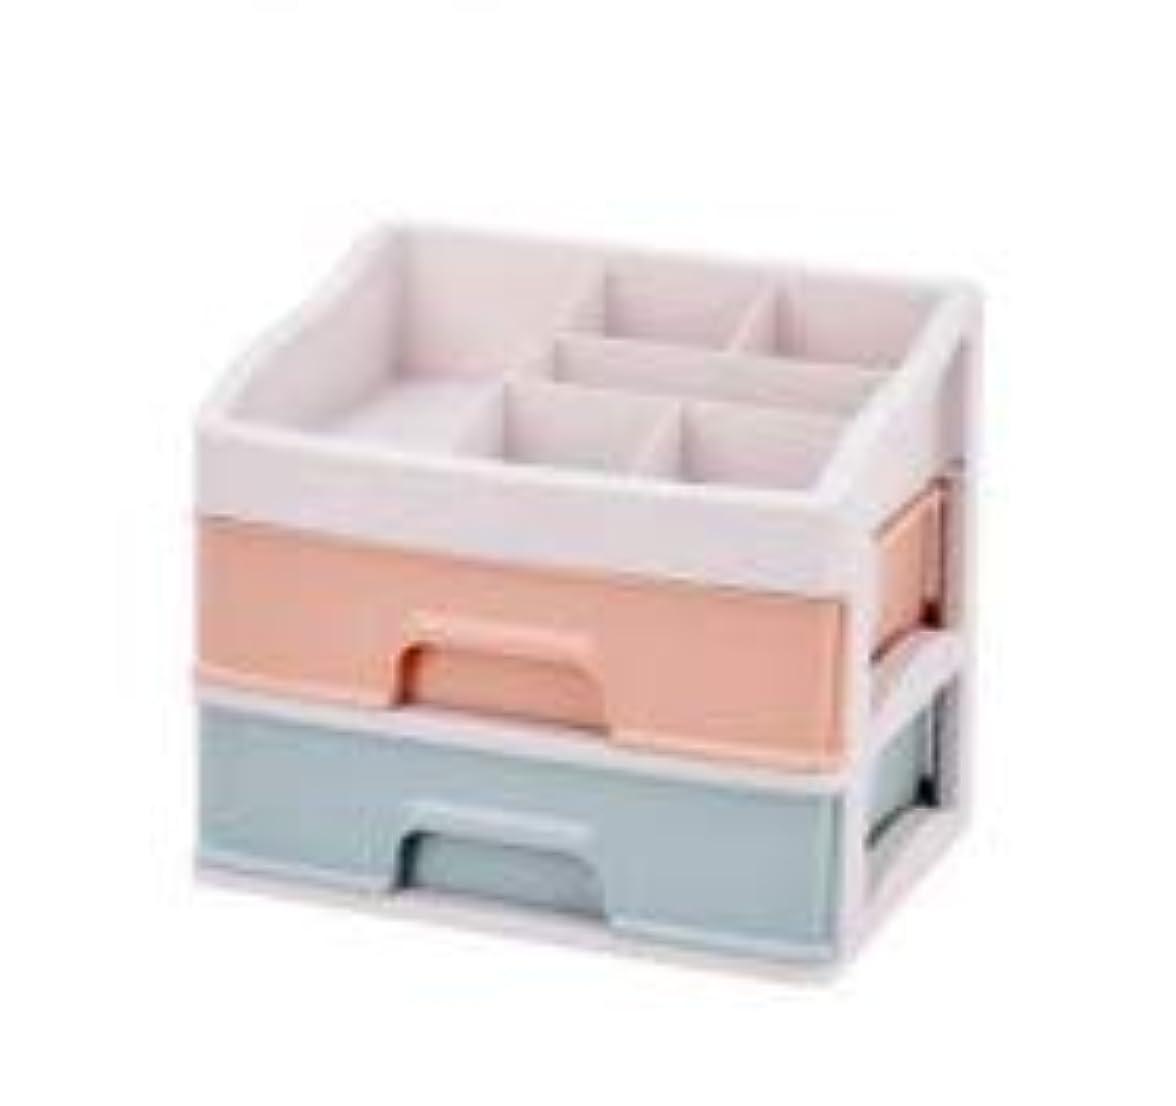 防衛シロクマ委員会化粧品収納ボックス引き出しデスクトップ収納ラック化粧台化粧品ケーススキンケア製品 (Size : M)